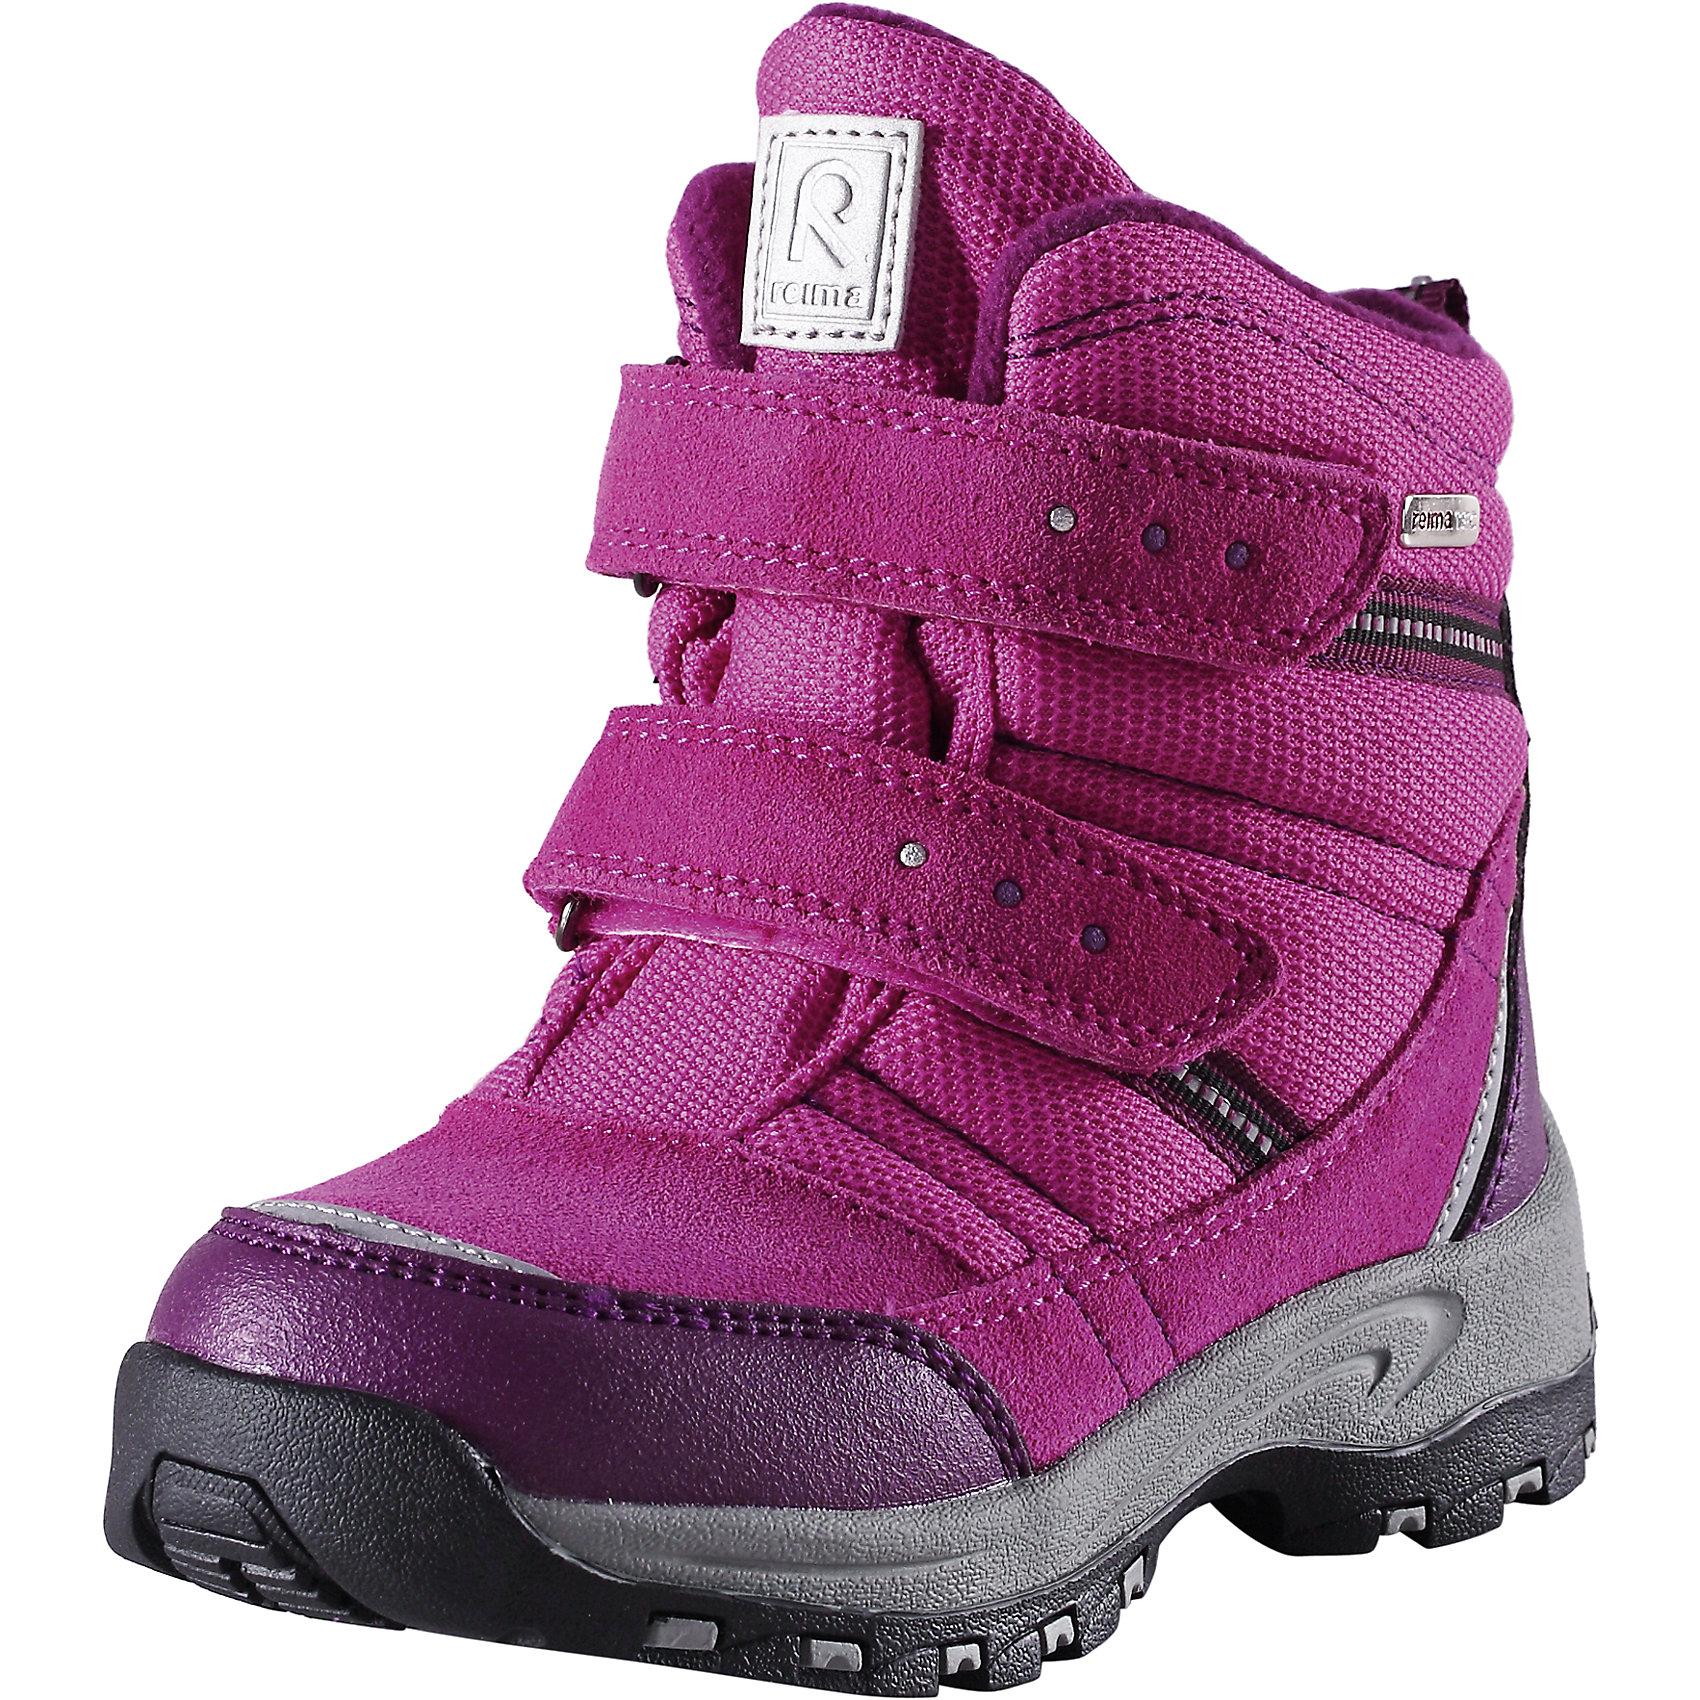 Ботинки Visby для девочки Reimatec® ReimaОбувь<br>Ботинки  Reimatec® Reima<br>Зимние сапоги для детей. Водонепроницаемая зимняя обувь. Верх из натуральной замши (из телячьей кожи), синтетического материала и текстиля. Эластичная и прочная резиновая подошва Reima® для максимальной устойчивости. Водонепроницаемая конструкция с герметичными вставками и подкладкой из искусственного меха. Подкладка из искусственного меха. Съемные стельки из войлока с рисунком Happy Fit, который помогает определить размер. Простая застежка на липучке, имеющая две точки крепления. Светоотражающие детали.<br>Уход:<br>Храните обувь в вертикальном положении при комнатной температуре. Сушить обувь всегда следует при комнатной температуре: вынув съемные стельки. Стельки следует время от времени заменять на новые. Налипшую грязь можно счищать щеткой или влажной тряпкой. Перед использованием обувь рекомендуется обрабатывать специальными защитными средствами.<br>Состав:<br>Подошва: 100% резина, Верх: 60% ПЭ, 20% ПУ, 20% Кожа<br><br>Ширина мм: 262<br>Глубина мм: 176<br>Высота мм: 97<br>Вес г: 427<br>Цвет: розовый<br>Возраст от месяцев: 24<br>Возраст до месяцев: 24<br>Пол: Женский<br>Возраст: Детский<br>Размер: 25,34,31,33,28,32,24,26,35,30,29,27<br>SKU: 4776905